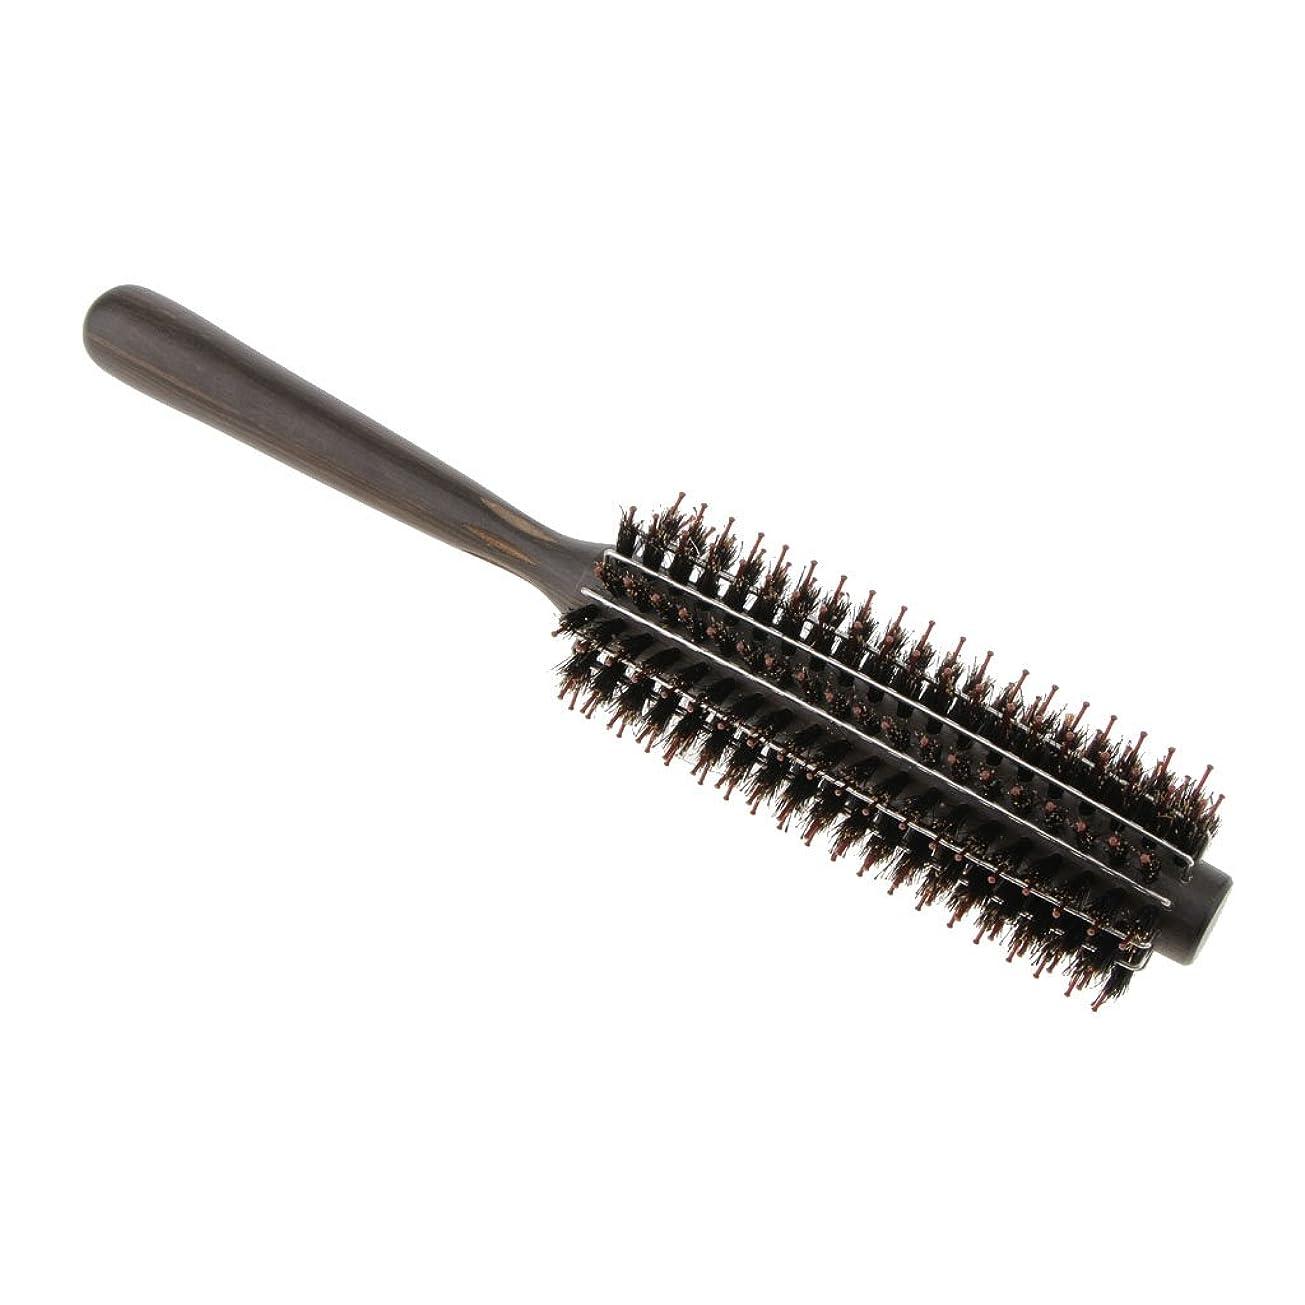 呪い柔らかい足バーゲンPerfk ロールブラシ ヘアブラシ カール 巻き髪  ヘアコーム 3サイズ選べる  - M